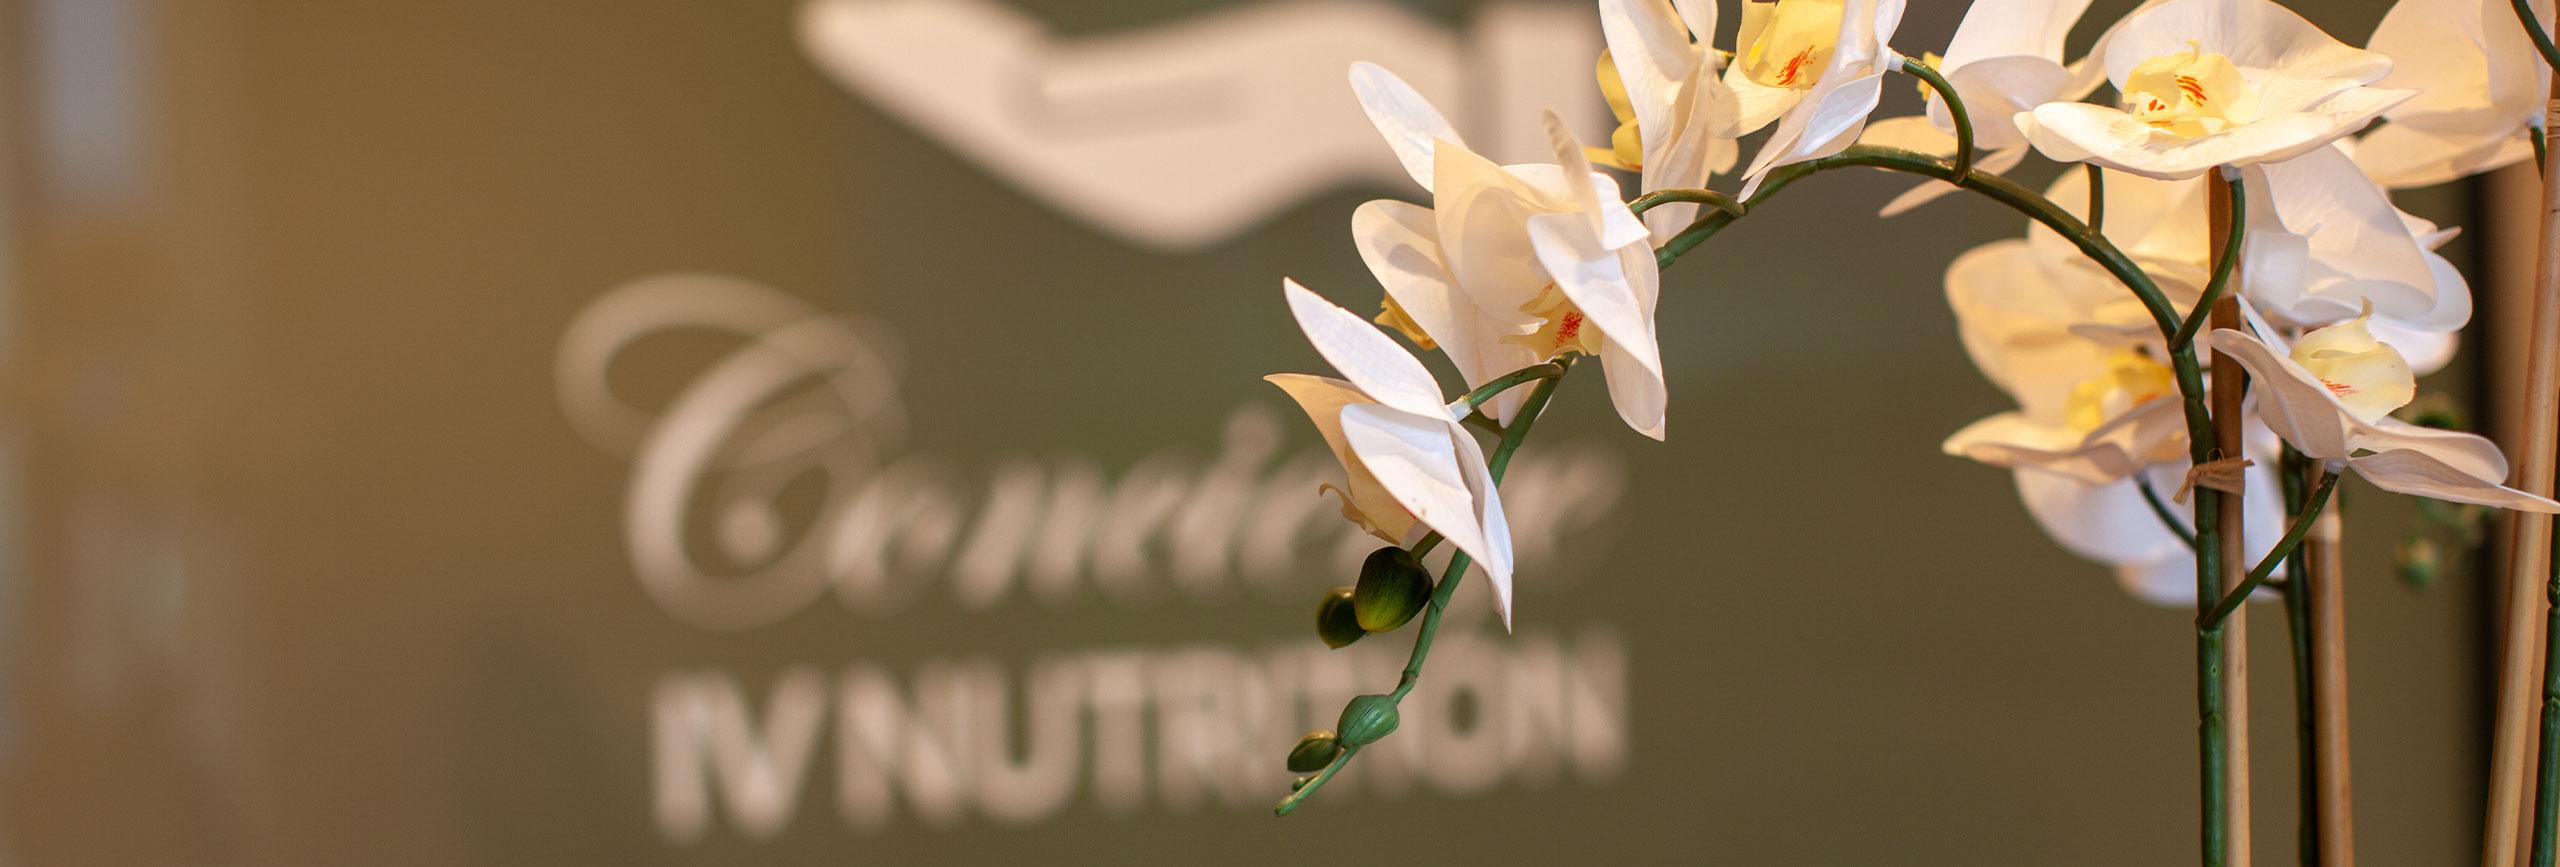 About Concierge IV Nutrition